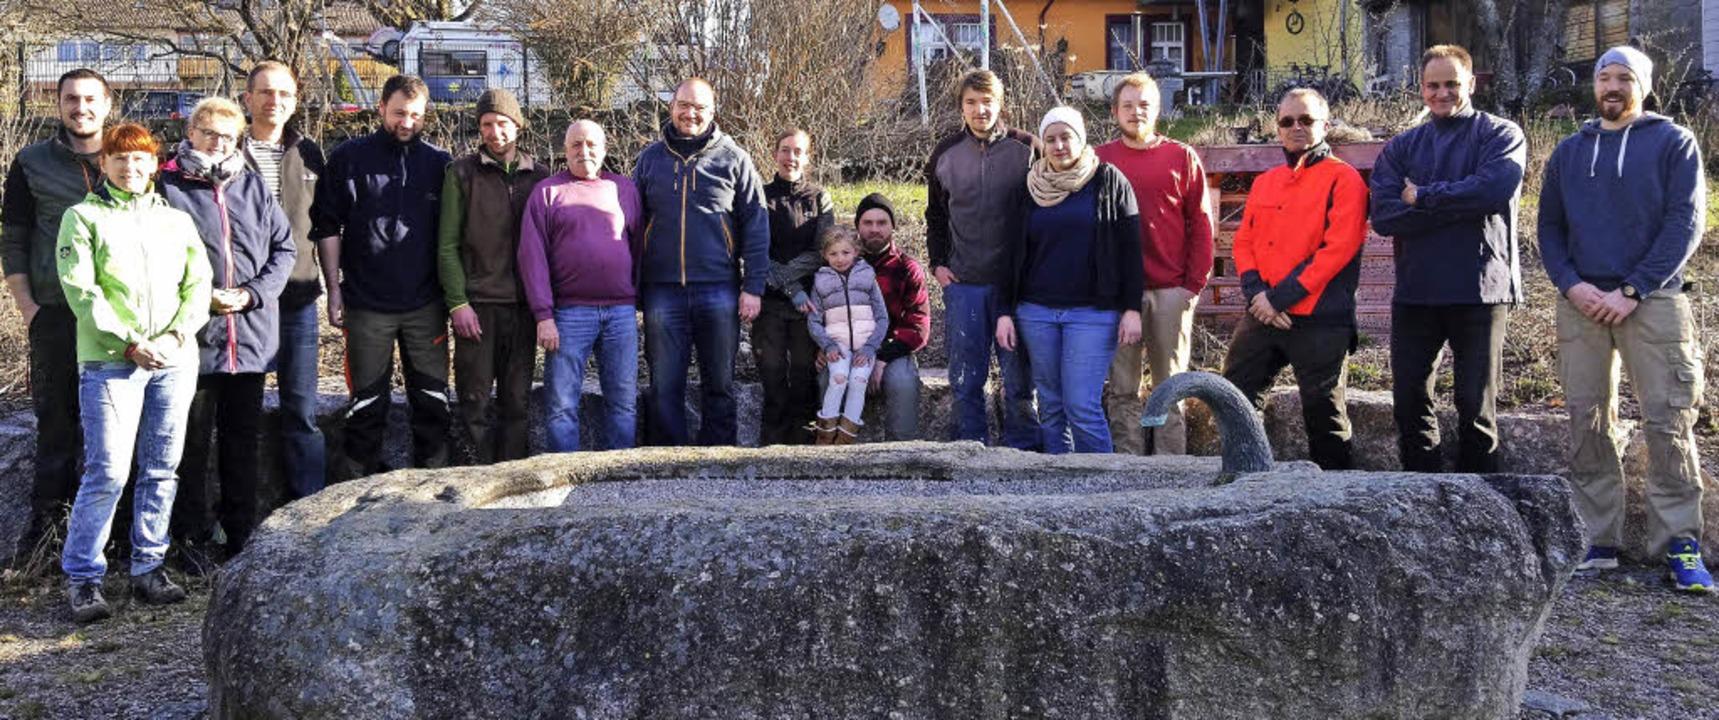 Eine Gruppe aus Mitgliedern des Schwar...n engagierte sich für den Naturschutz.  | Foto: Schwarzwaldverein